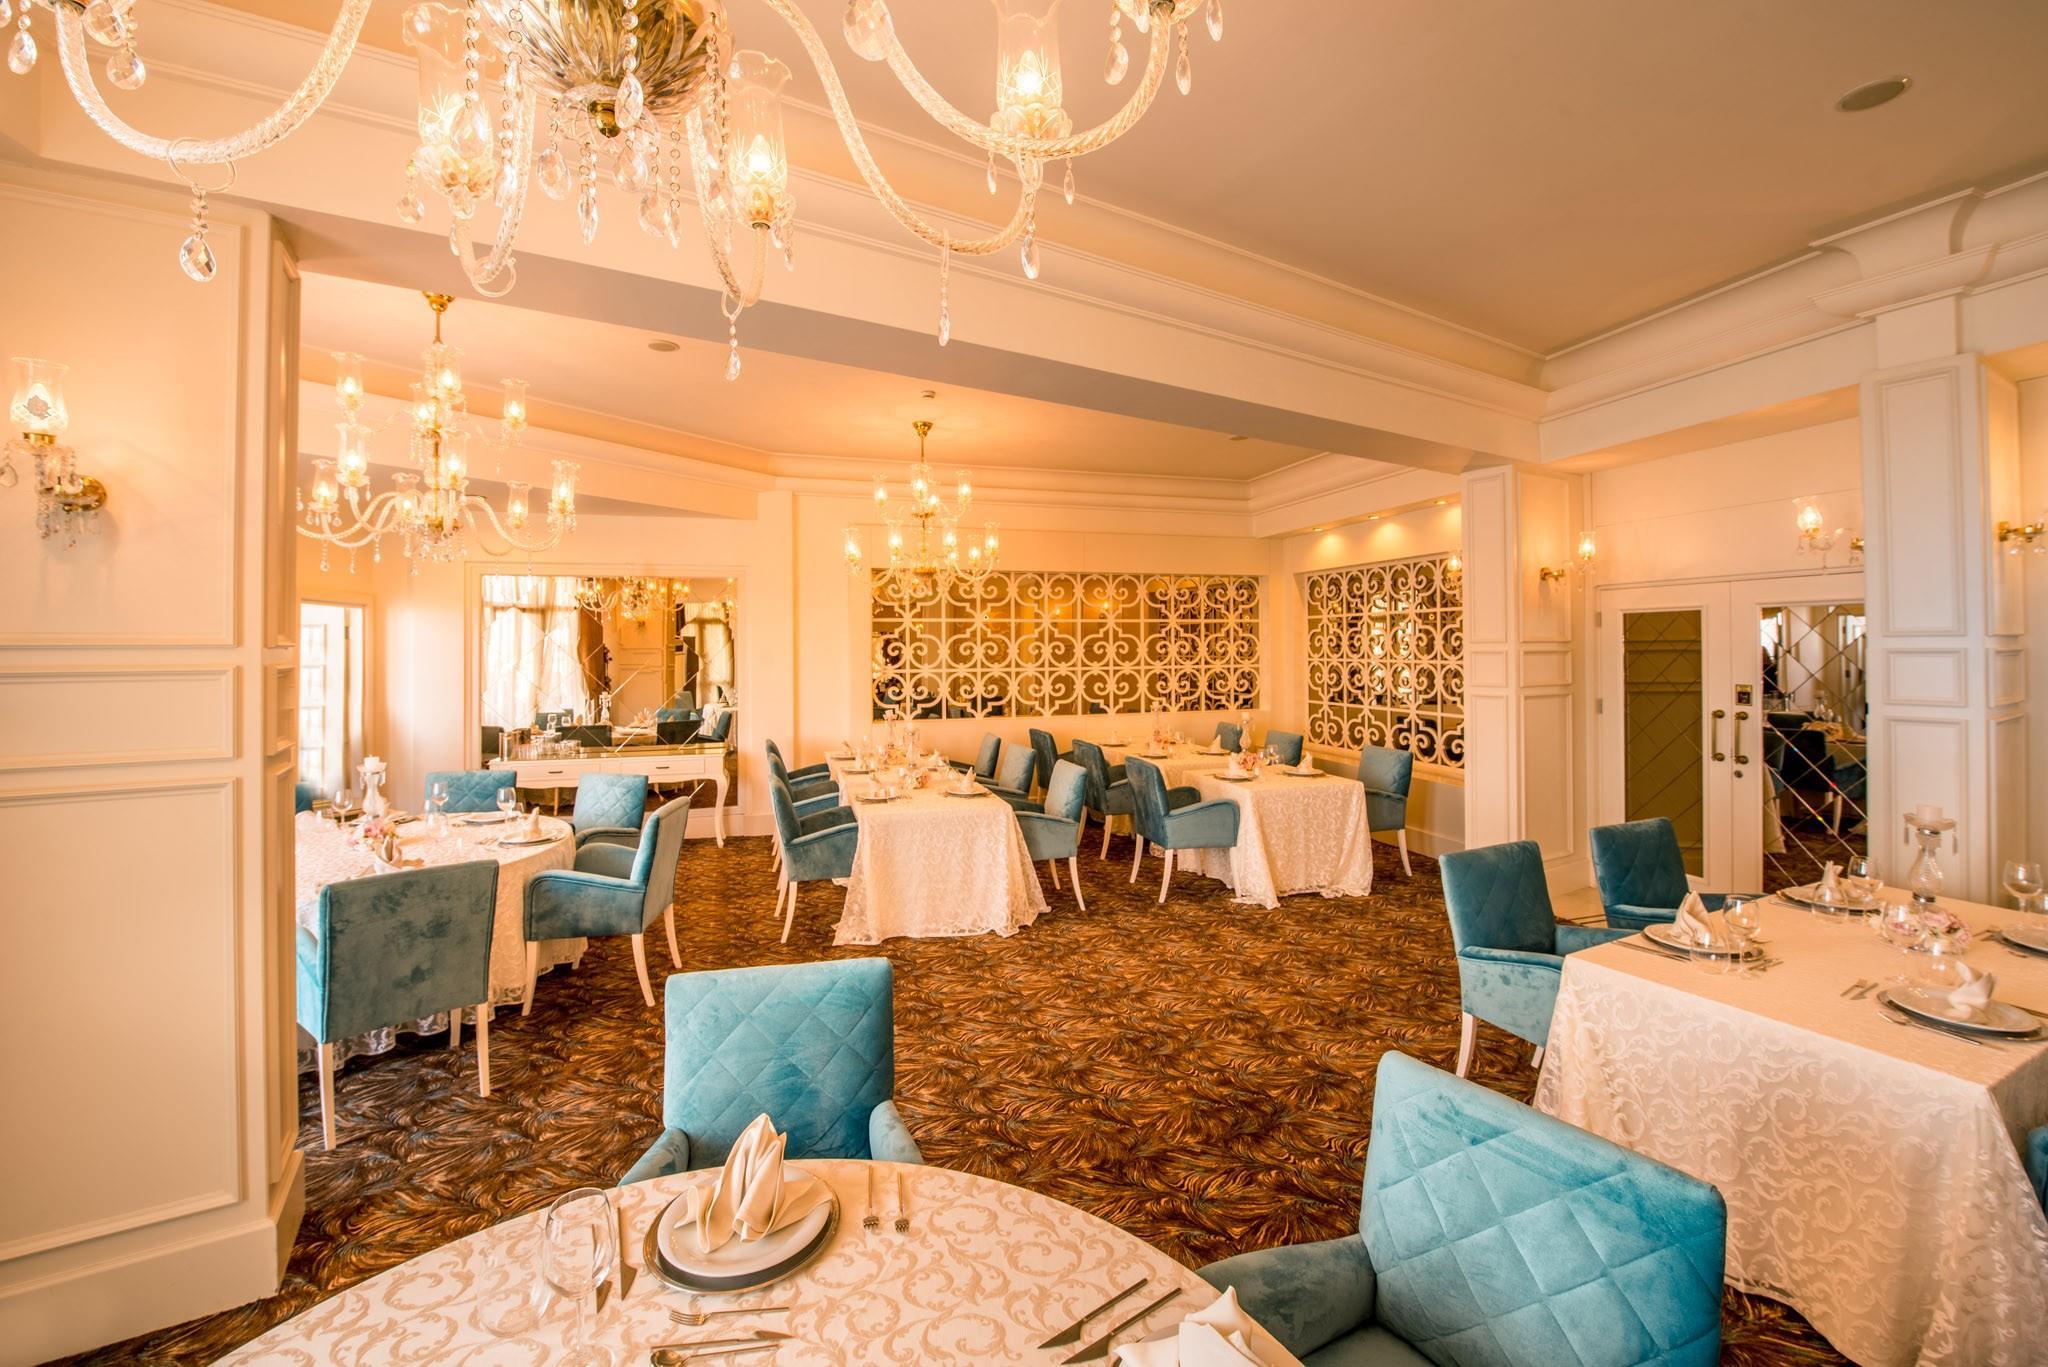 Vuni Palace Hotel205201